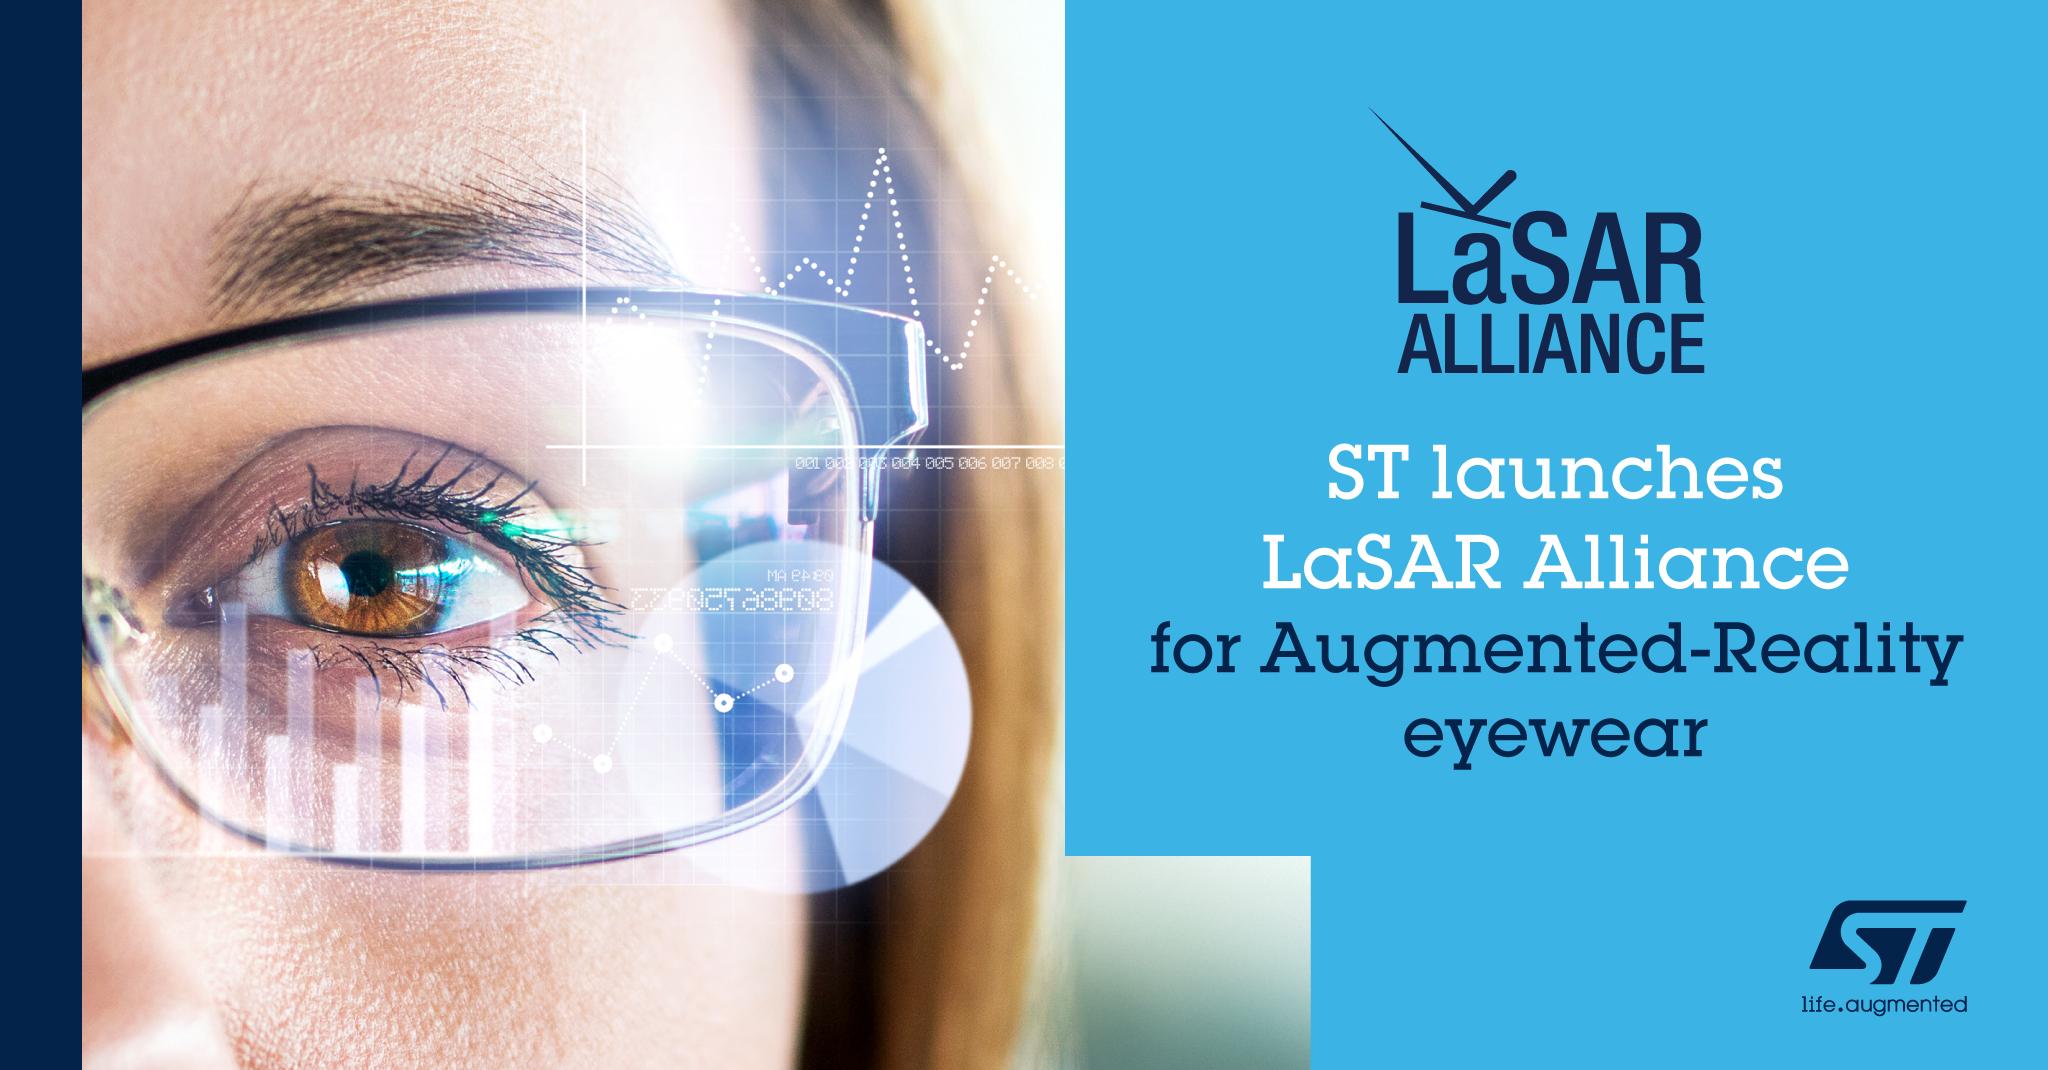 纳米压印涂层厂商Inkron加入AR激光技术联盟LaSAR